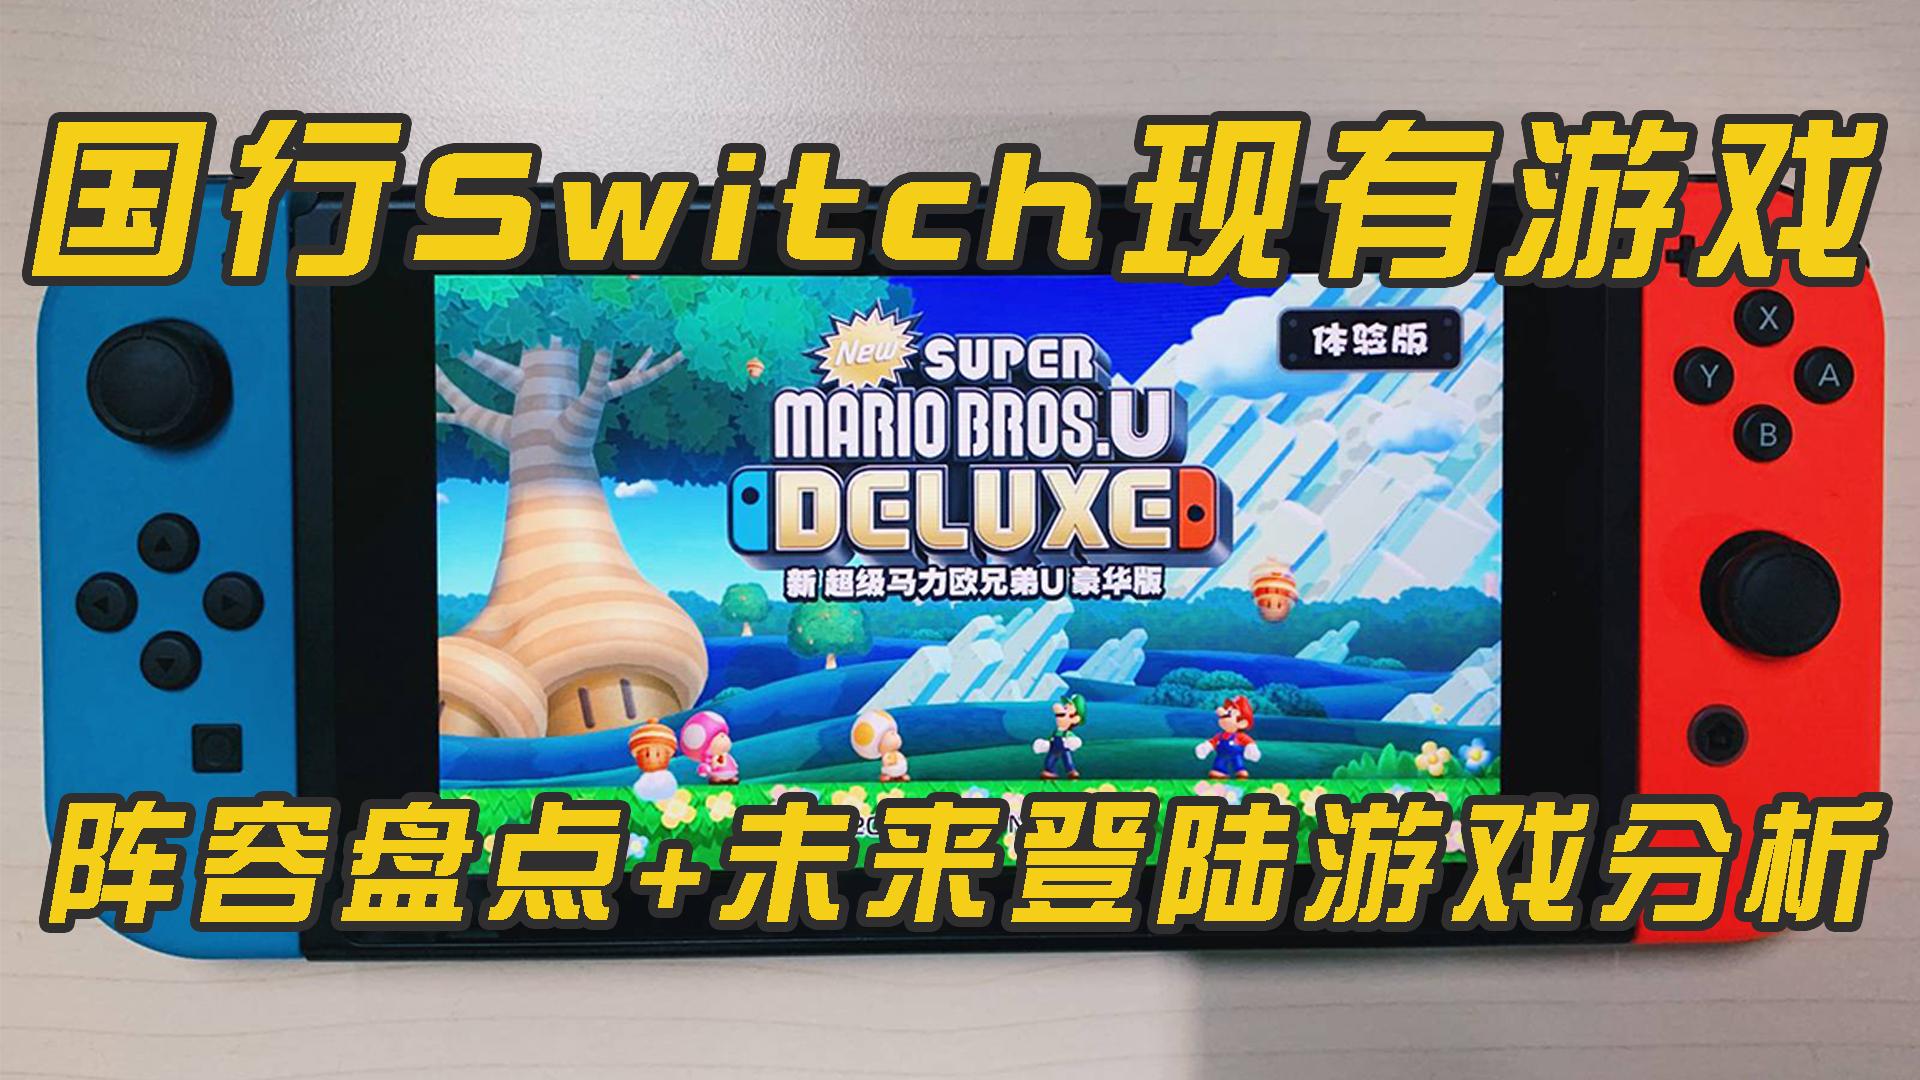 国行Switch现有游戏阵容盘点,及未来登陆游戏分析